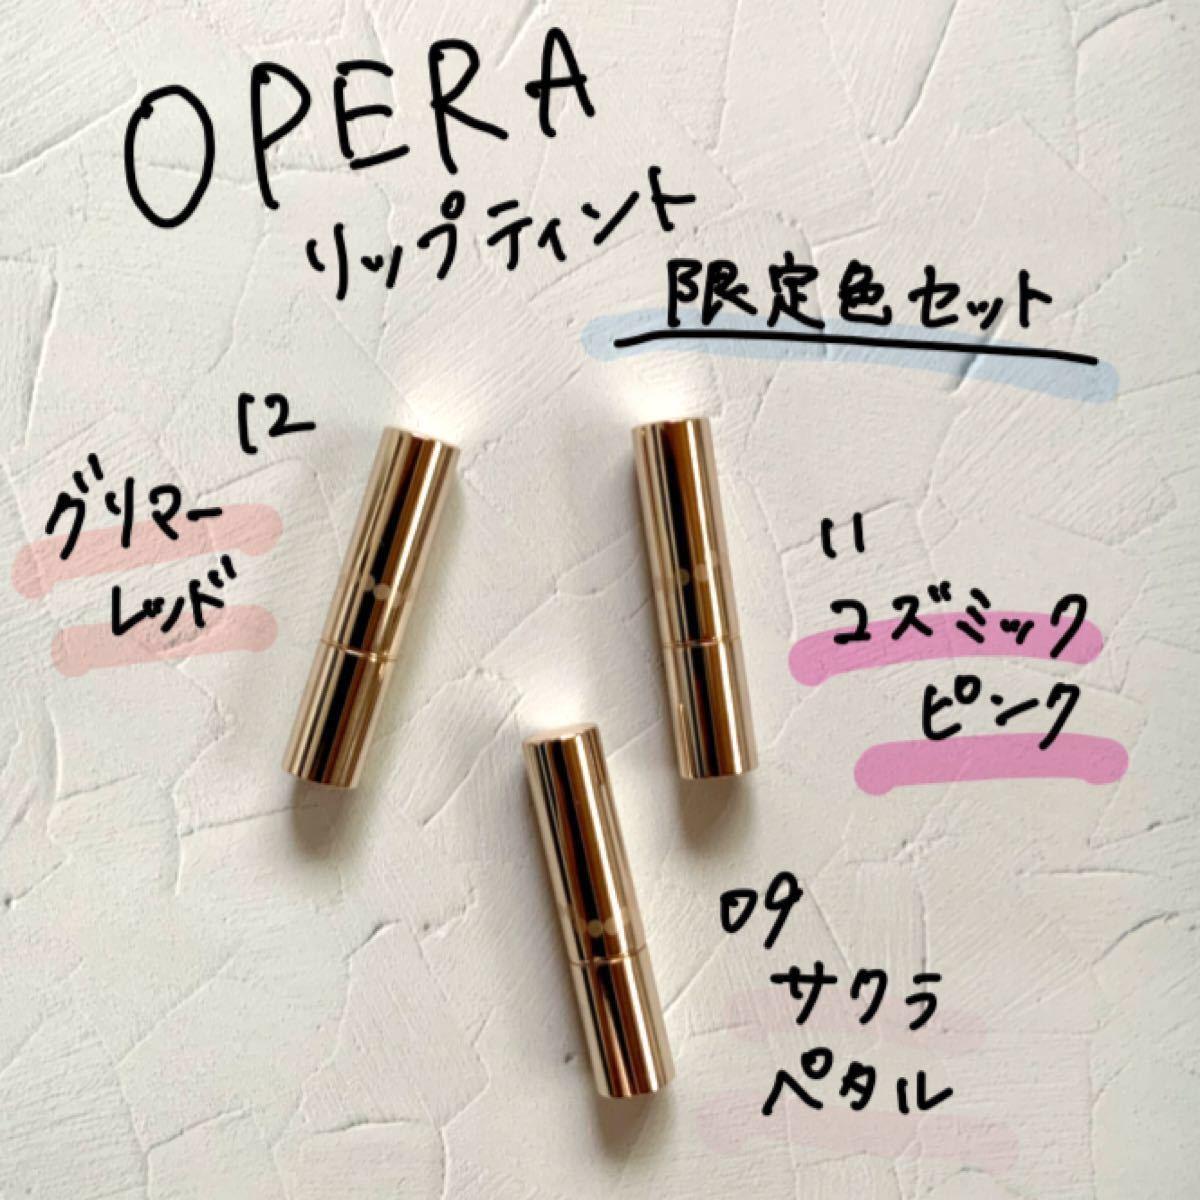 オペラ リップティント 3点